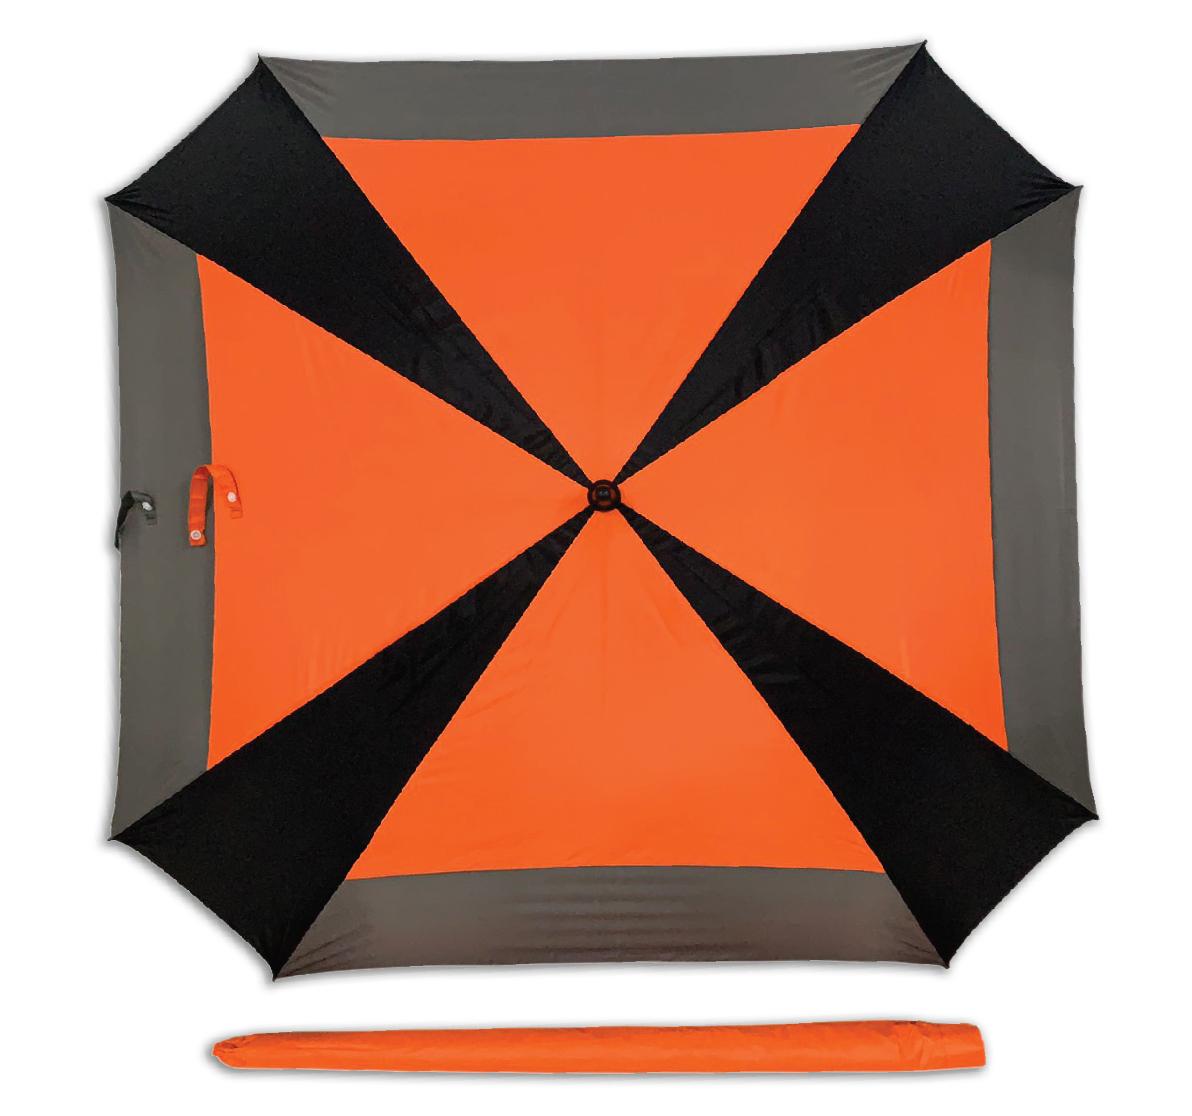 ร่มสี่เหลี่ยม 30 นิ้ว2 ชั้น ออโต้ไฟเบอร์  สลับสี